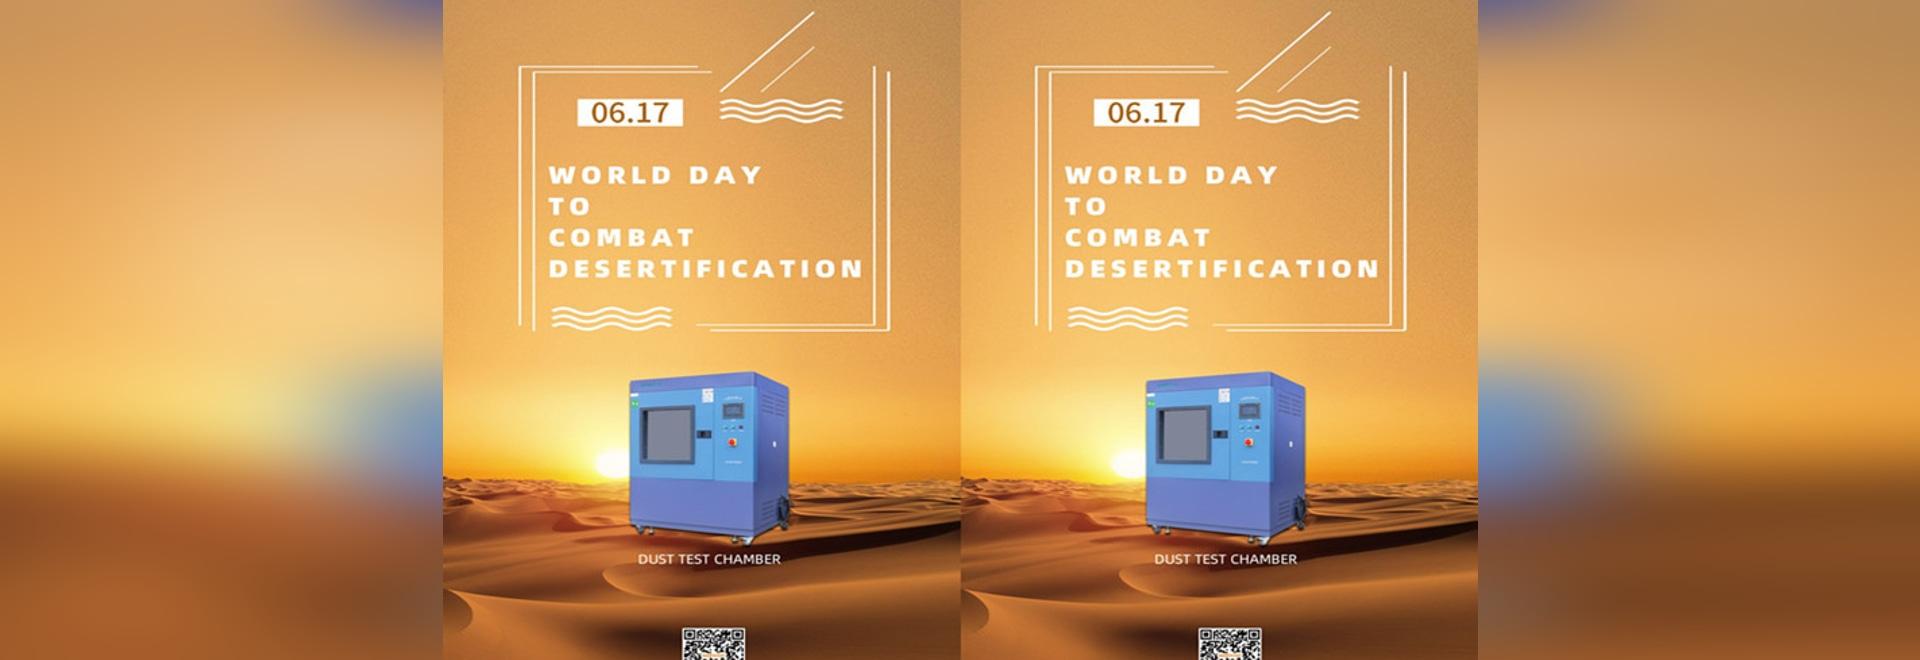 Journée mondiale de lutte contre la désertification   Chambre d'essai de poussière de Sanwood